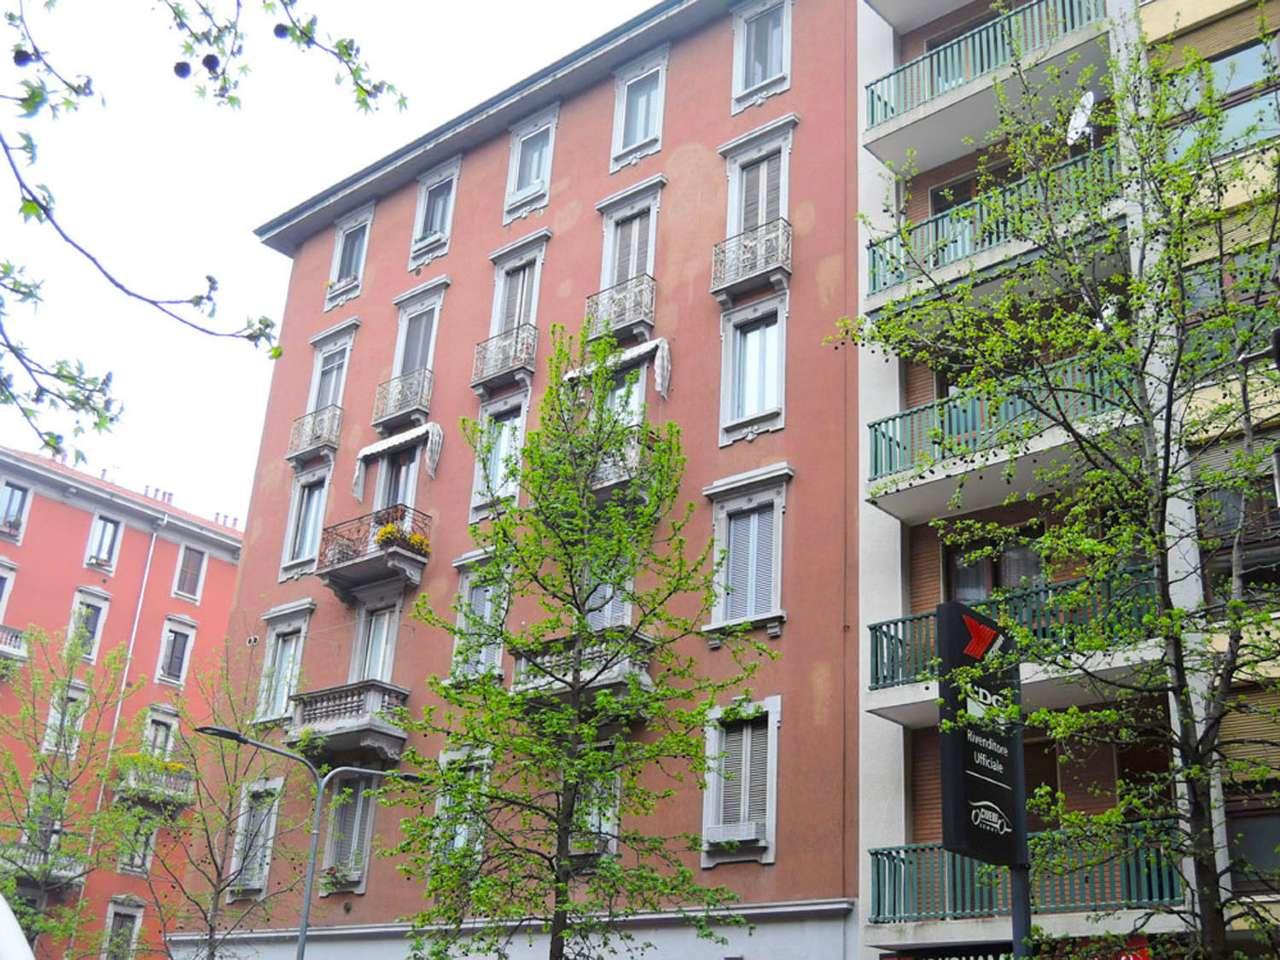 Appartamento in vendita a Milano, 2 locali, zona Zona: 12 . De Angeli, Vercelli, Washington, Sicilia, S. Michele del Carso, prezzo € 310.000 | CambioCasa.it